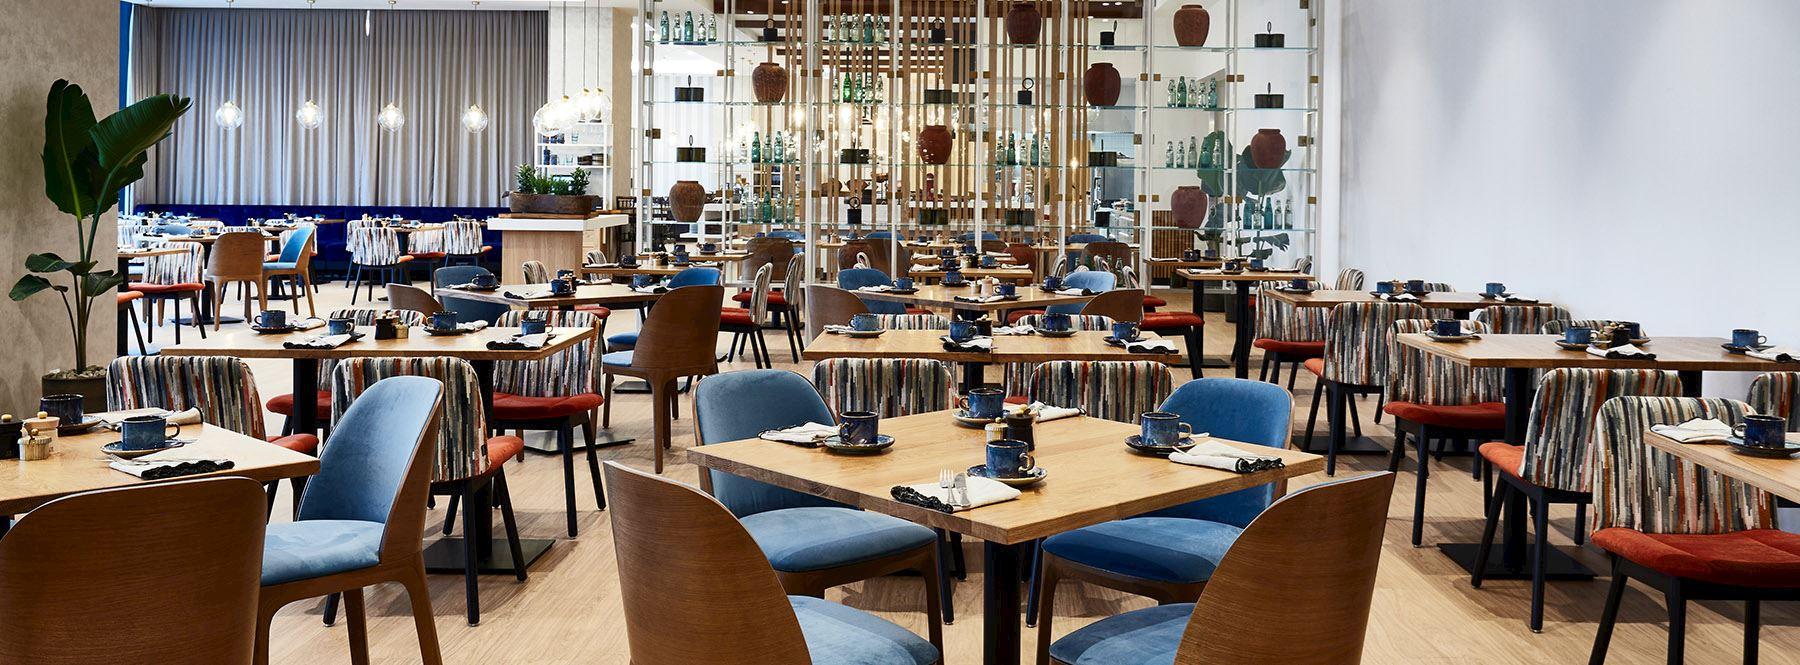 polska restauracja Warszawa